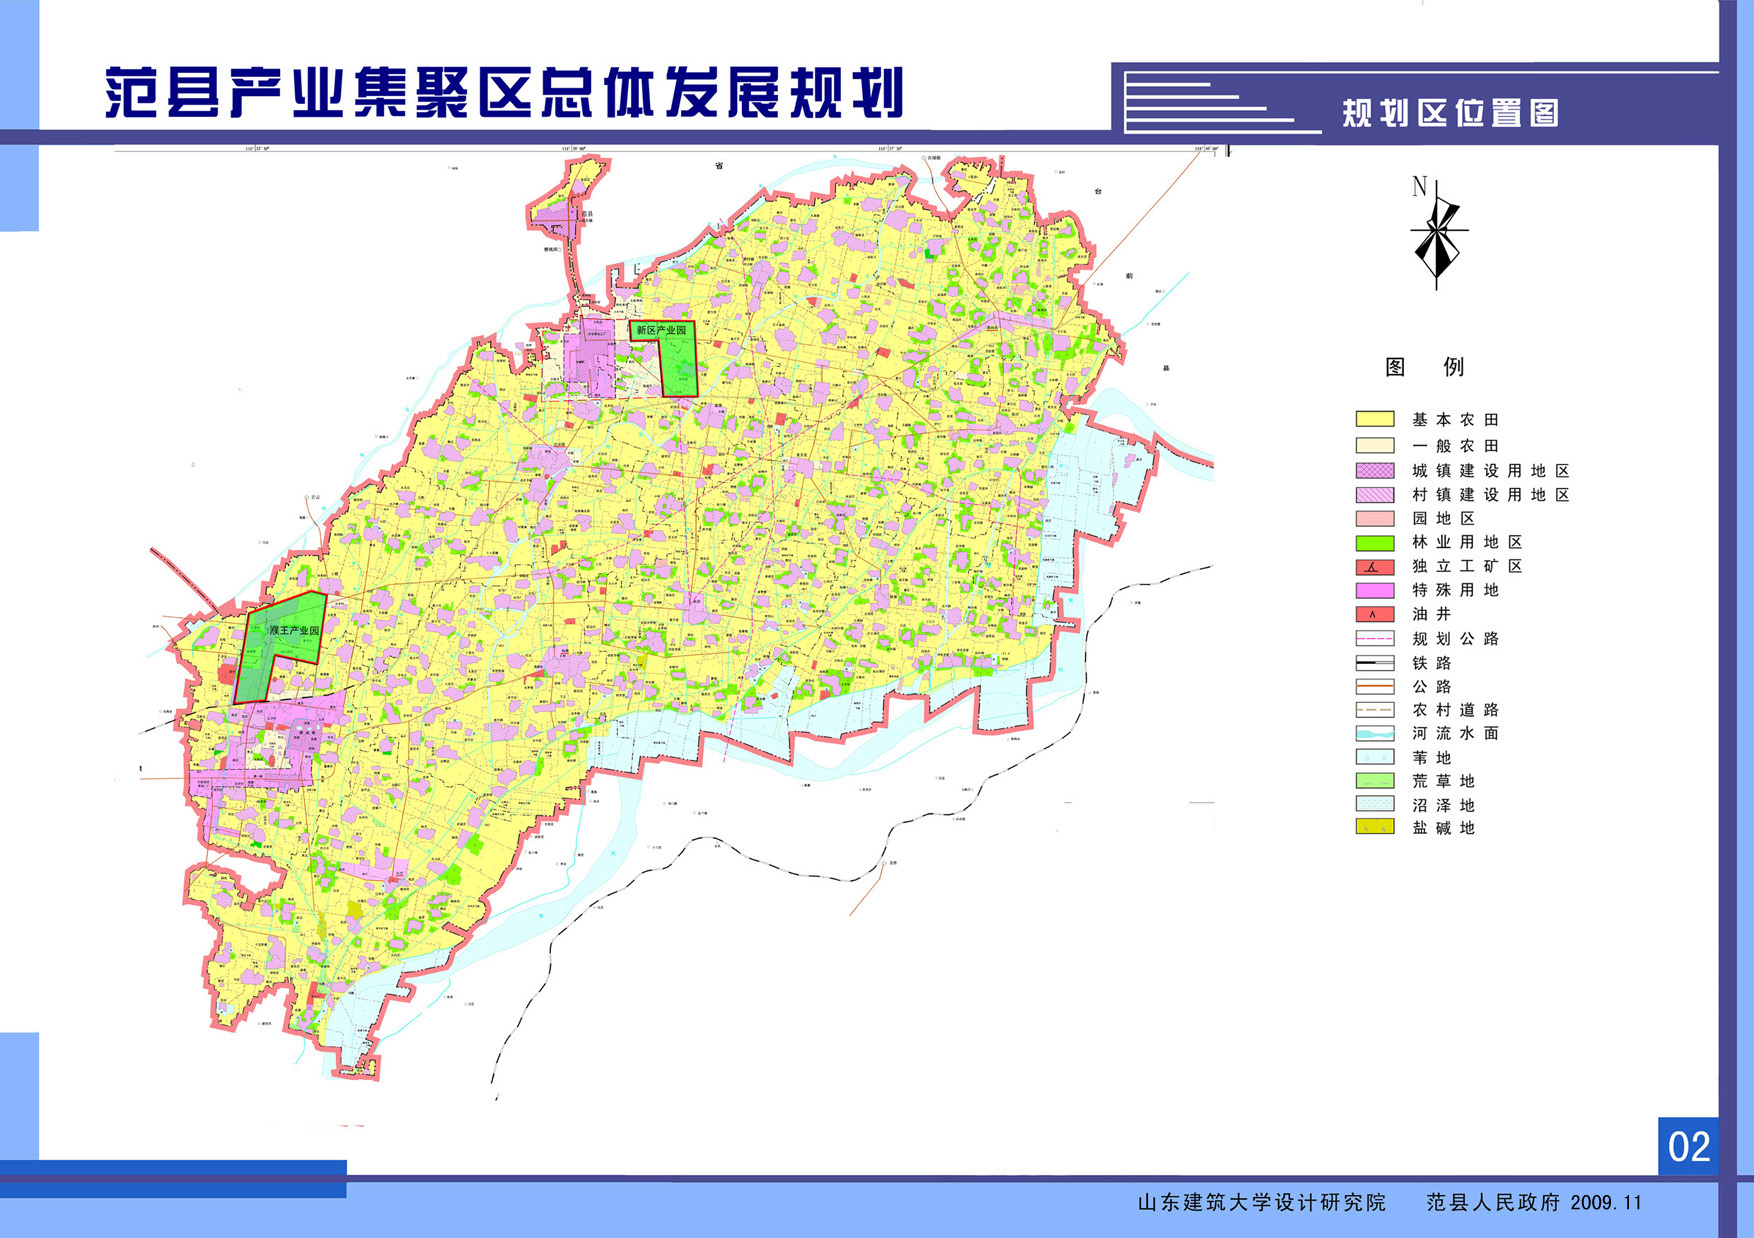 产业集聚区位置图-范县网